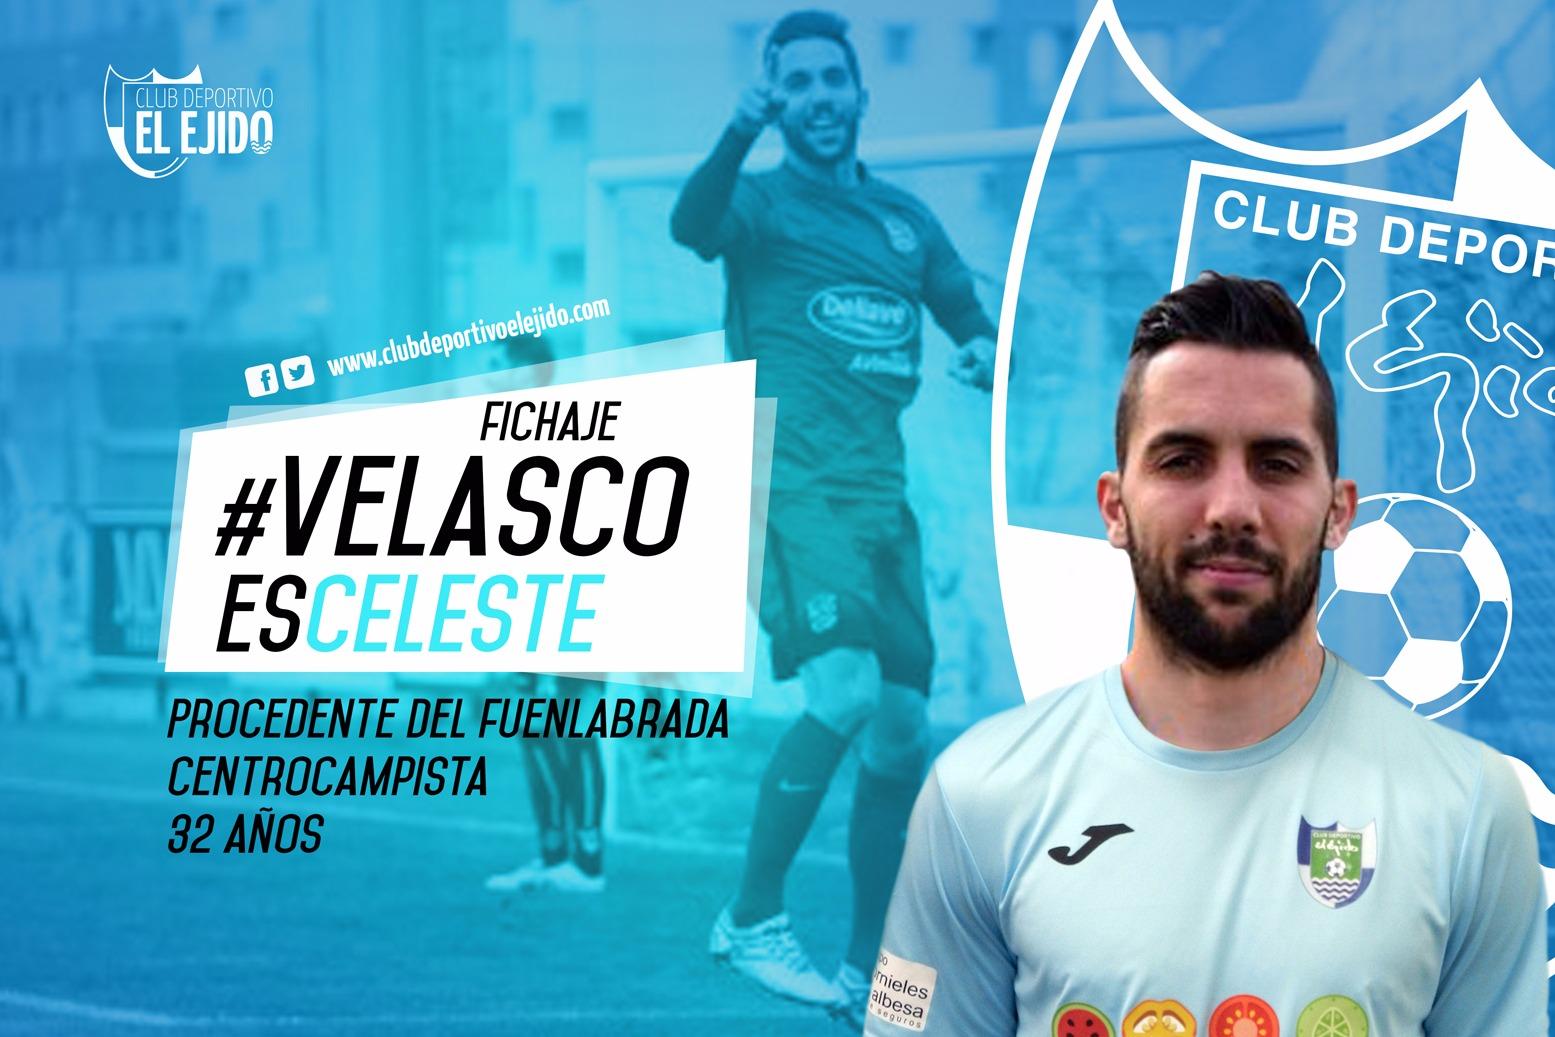 Fichaje, presentación y debut de Velasco con el CD El Ejido